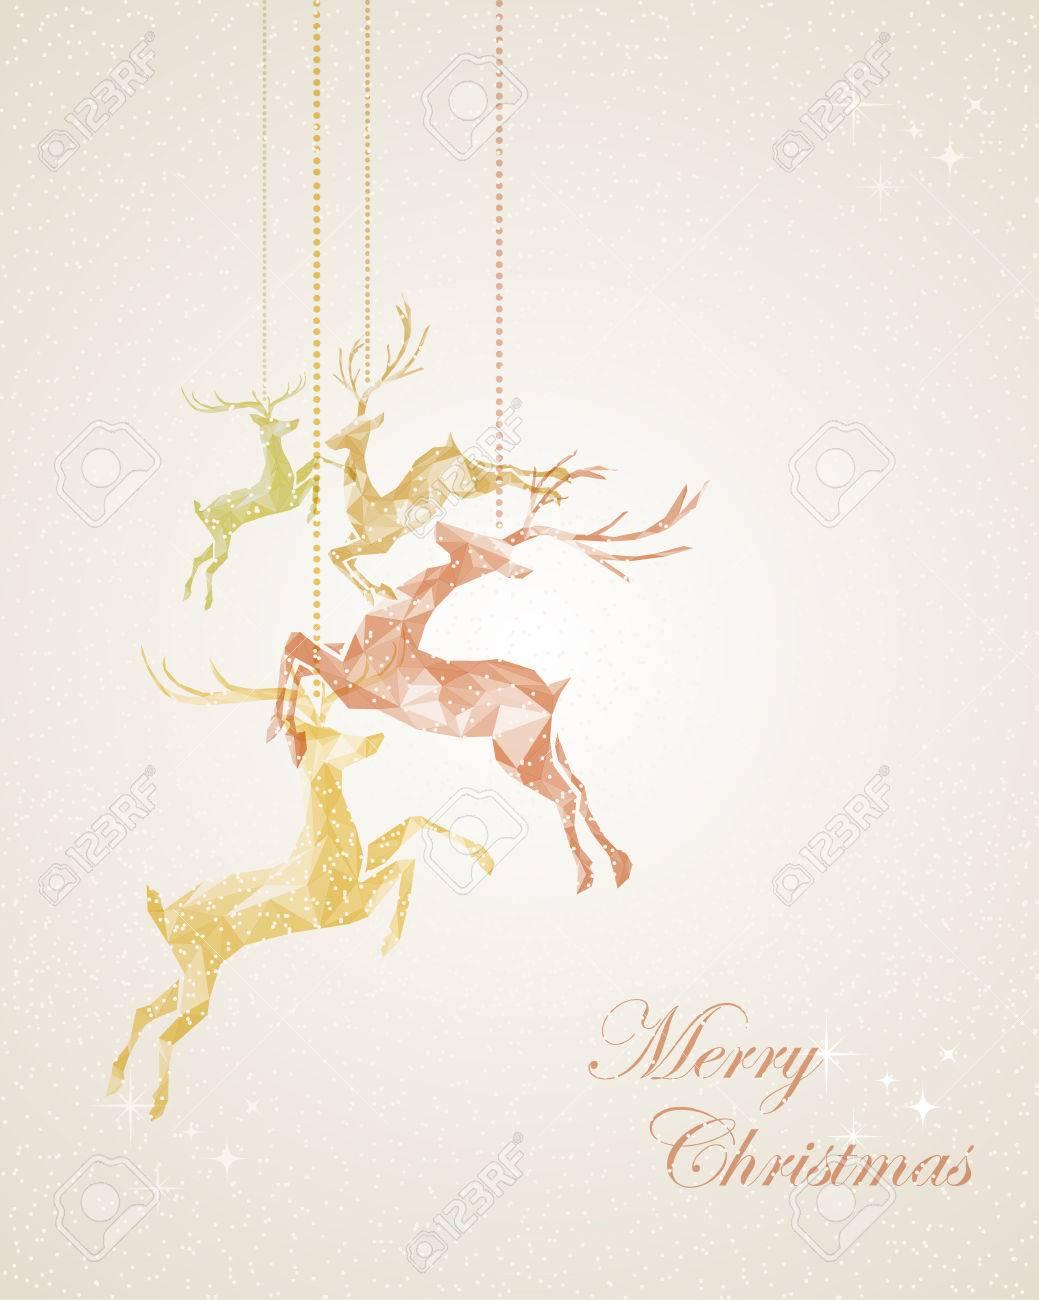 feliz navidad del vintage textura abstracta renos ejemplo de la tarjeta postal archivo vectorial eps